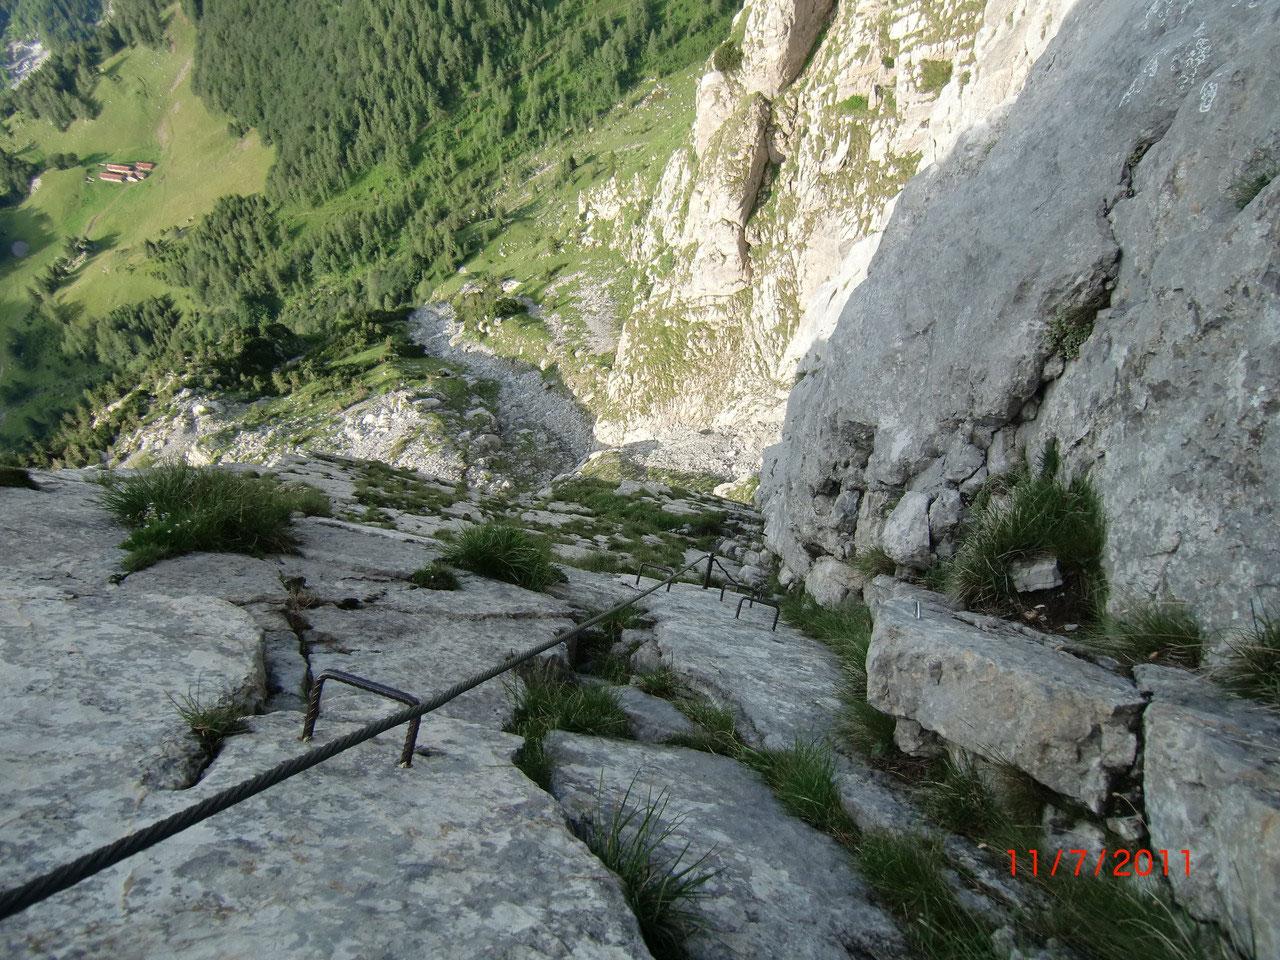 Klettersteig Soca Quelle : Cellon klettersteig unterwegs im dreiländereck